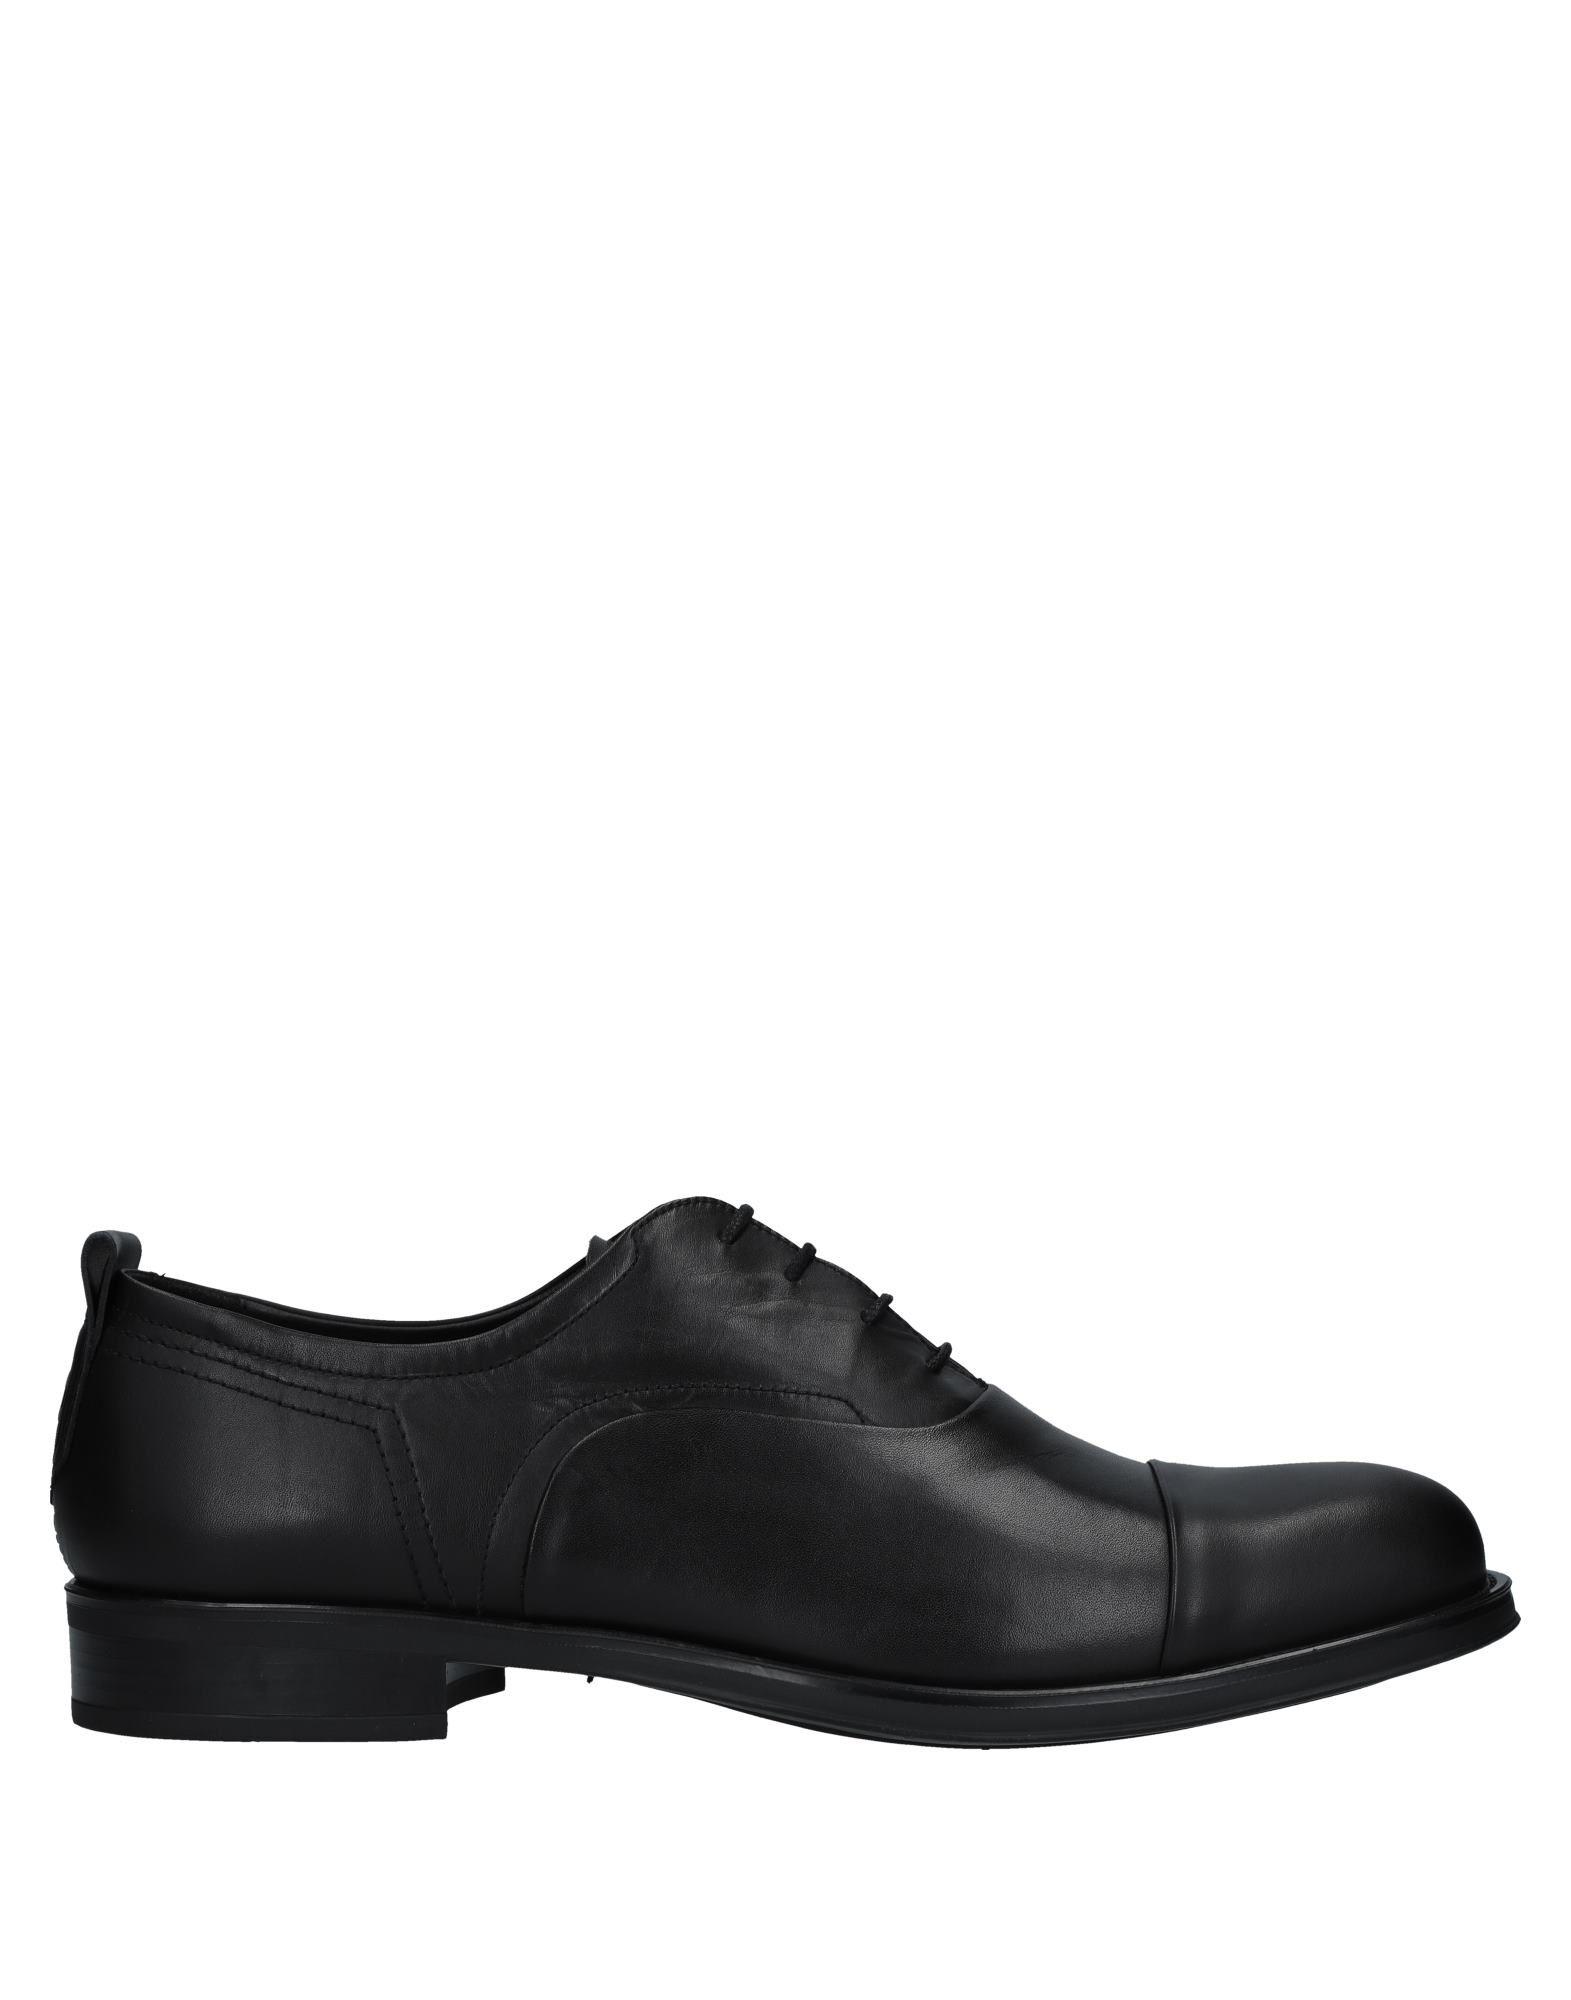 Bruno Bordese Schnürschuhe Herren  11530005BW Gute Qualität beliebte Schuhe